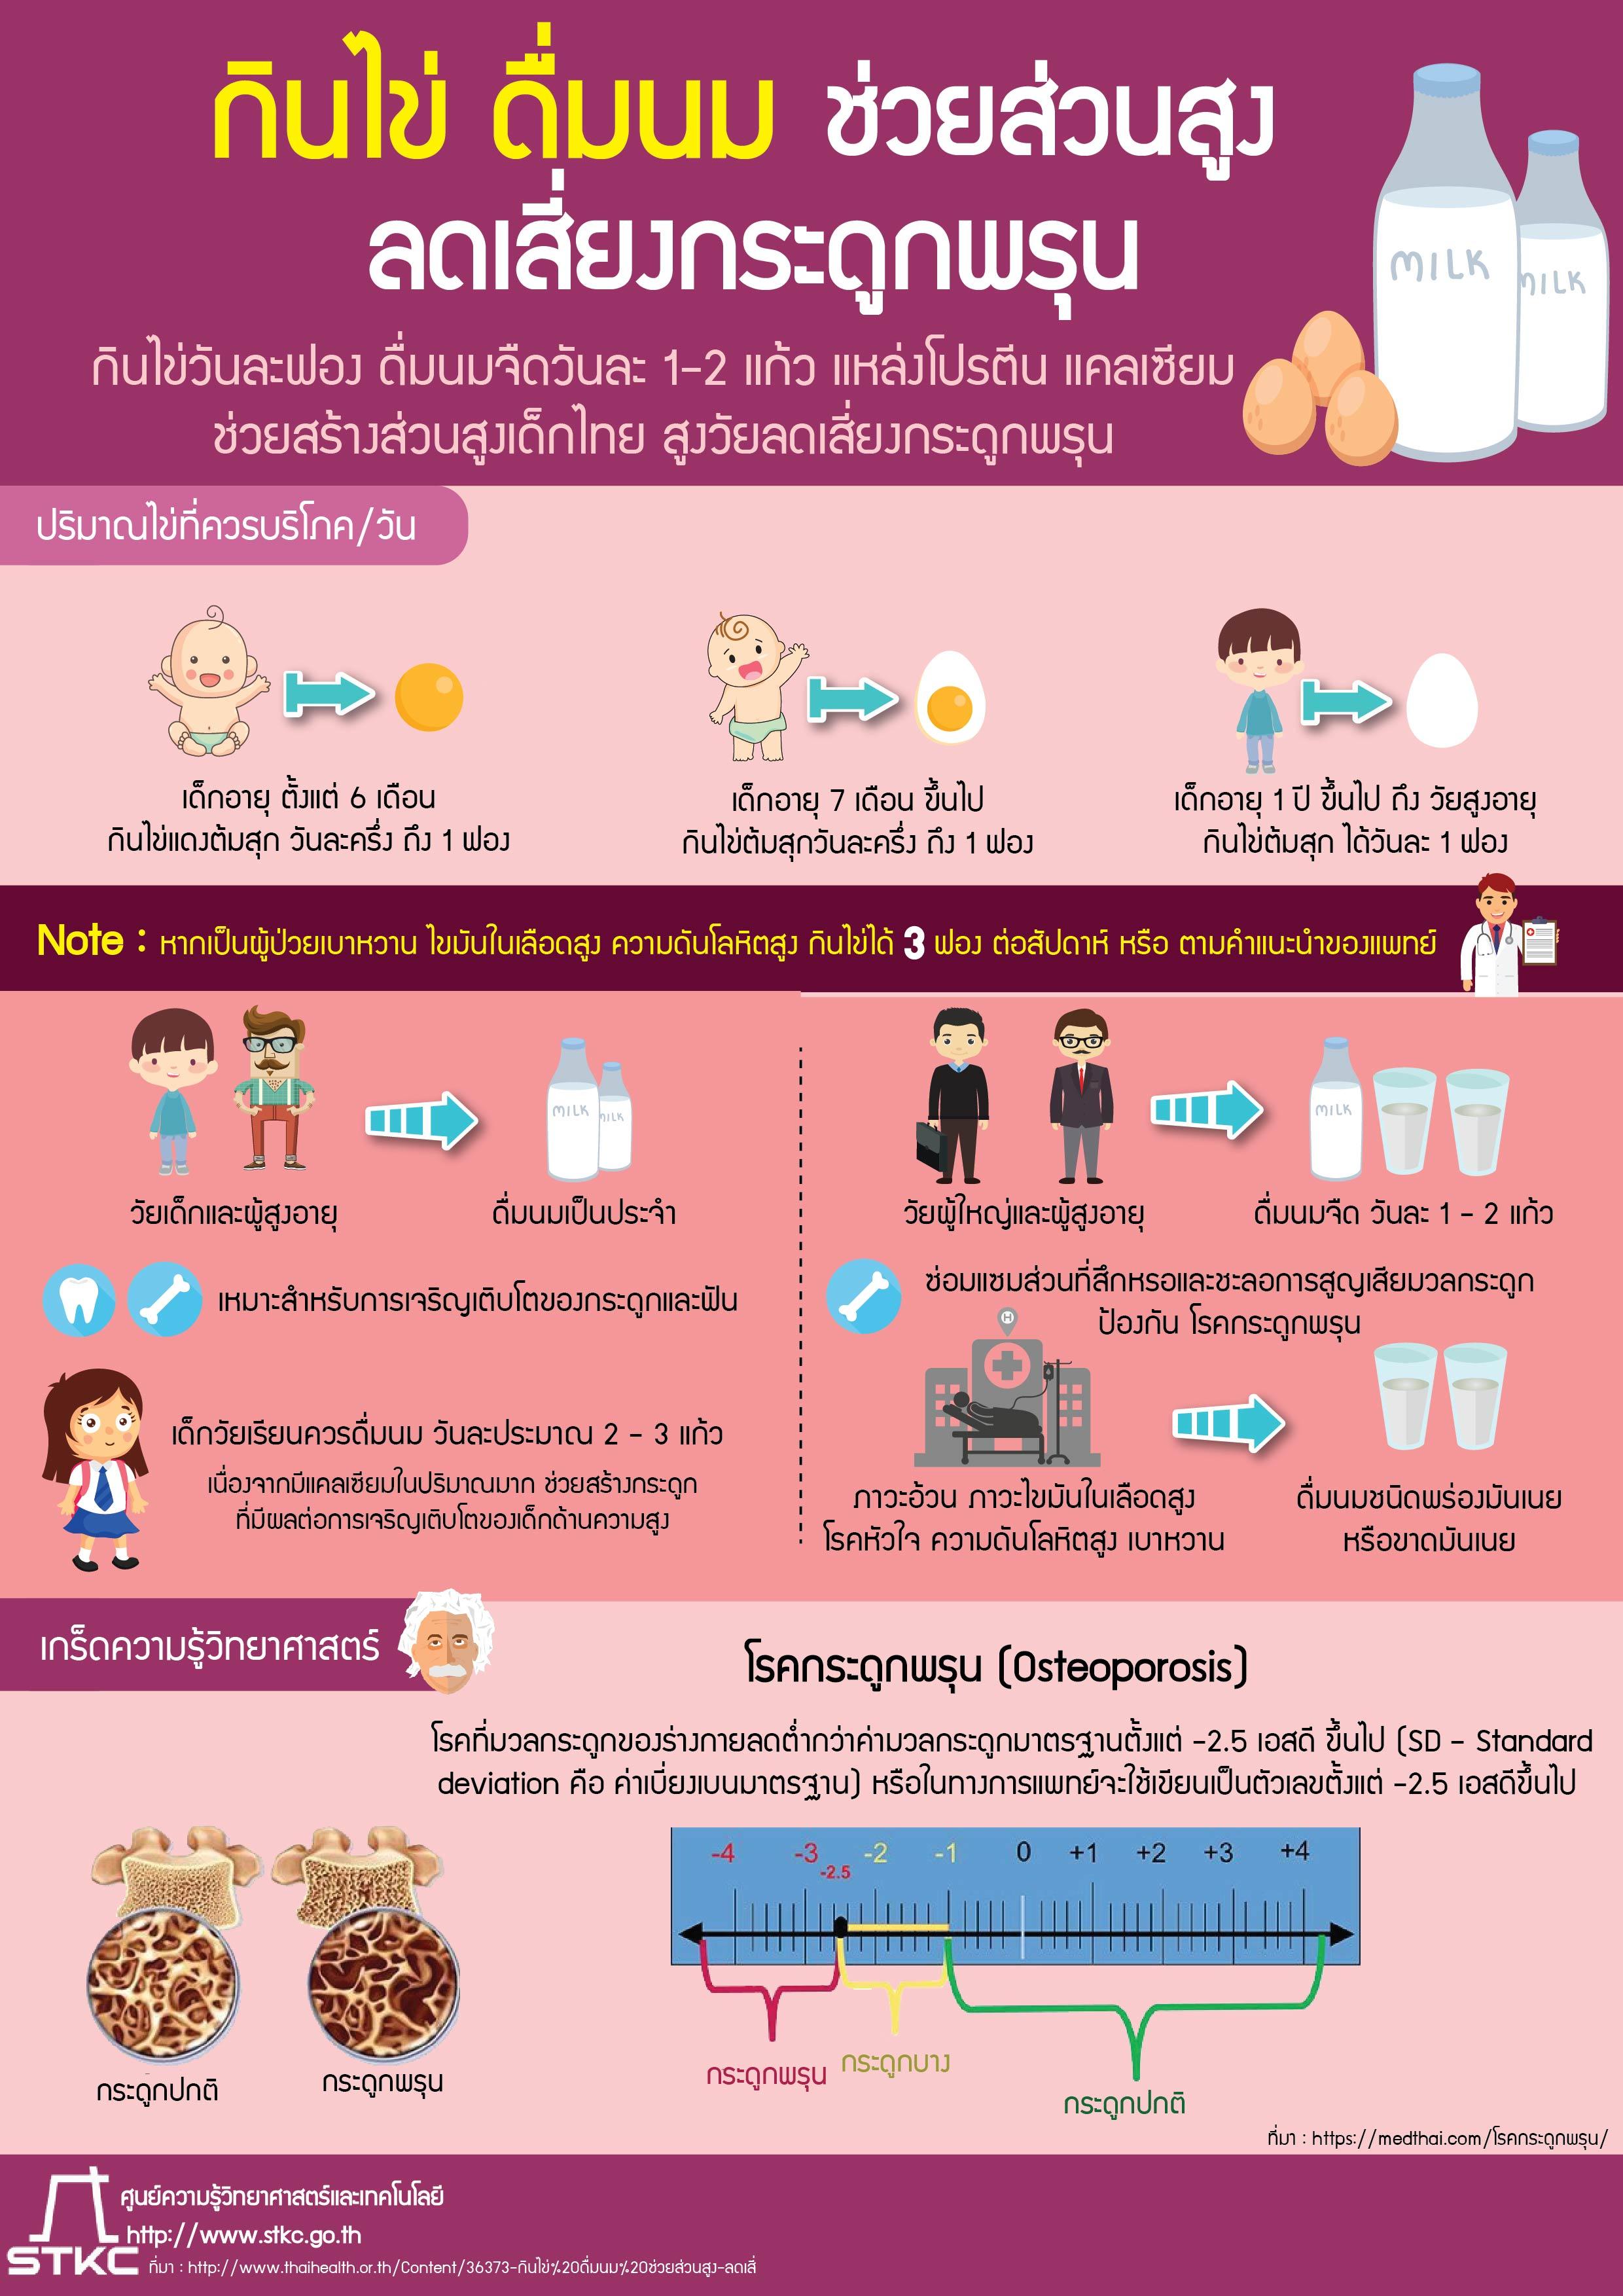 กินไข่ ดื่มนม ช่วยส่วนสูง-ลดเสี่ยงกระดูกพรุน